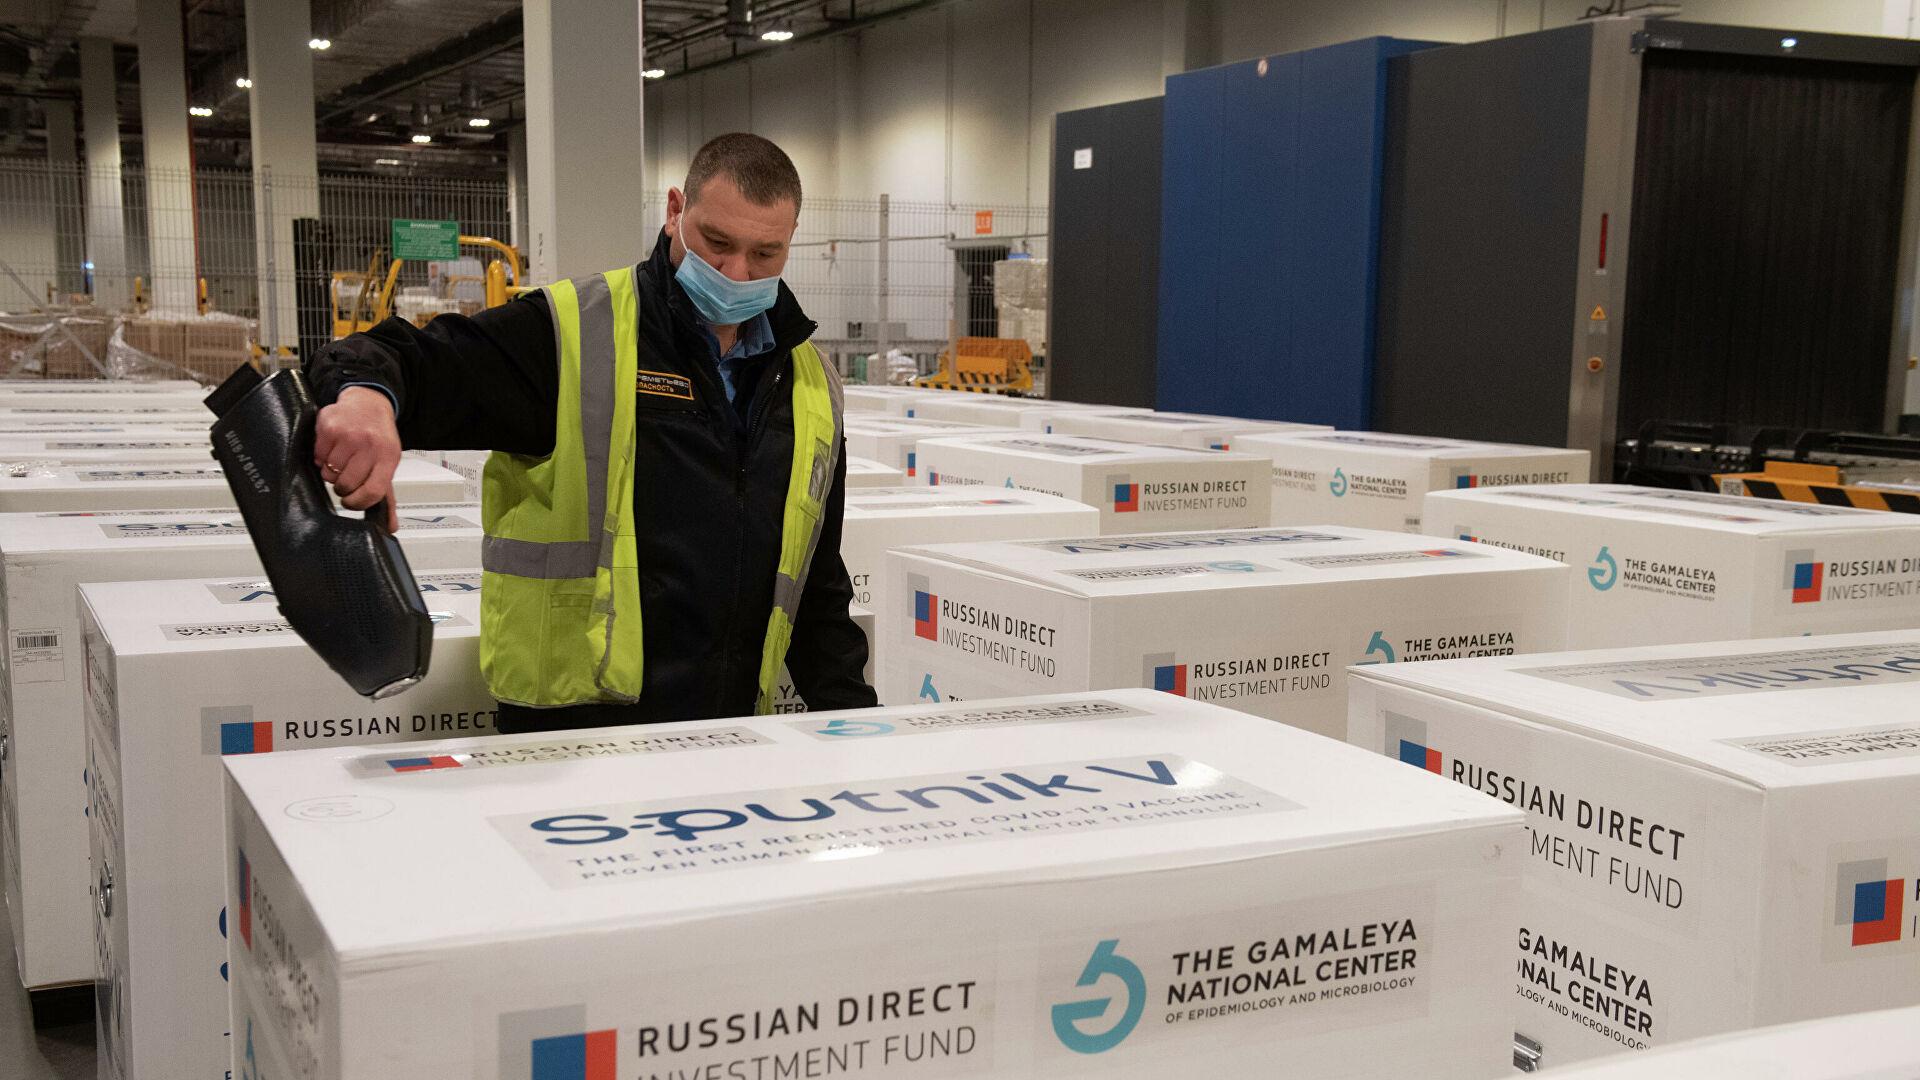 ЕУ покушава да дискредитује руску вакцину против коронавируса - Спољнообавештајна служба Русије